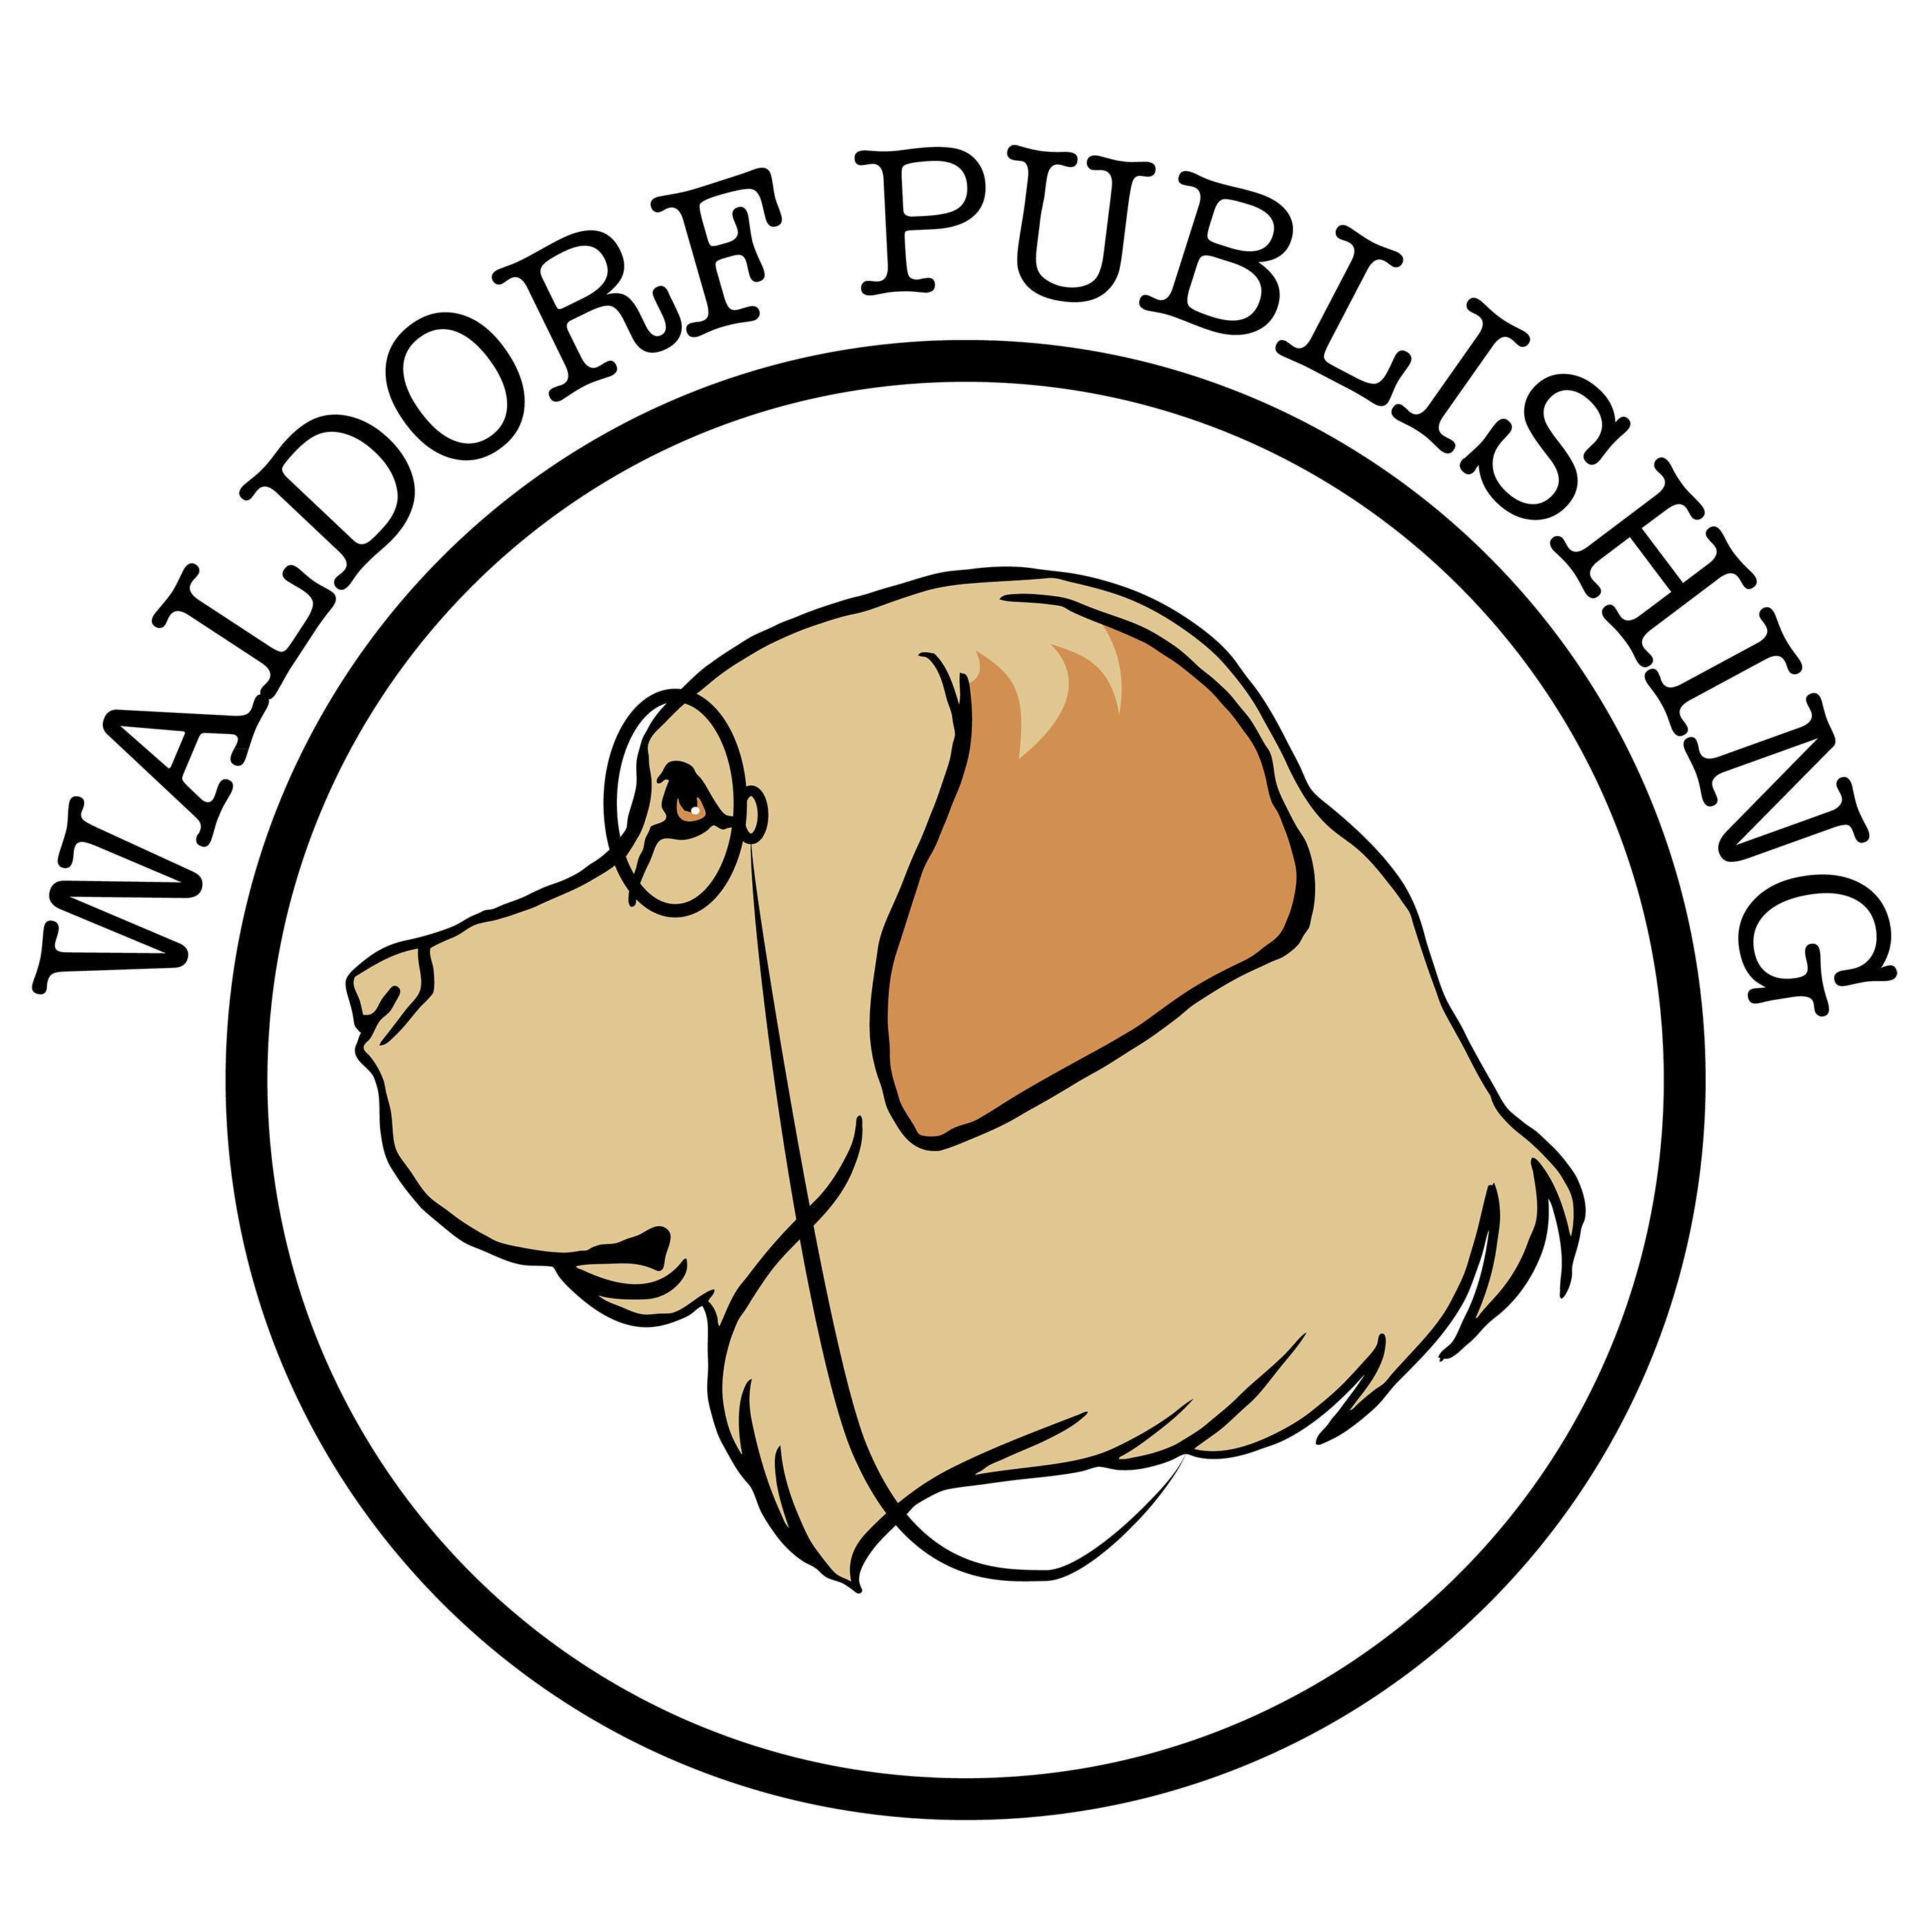 Book Publishing Editorial Internship